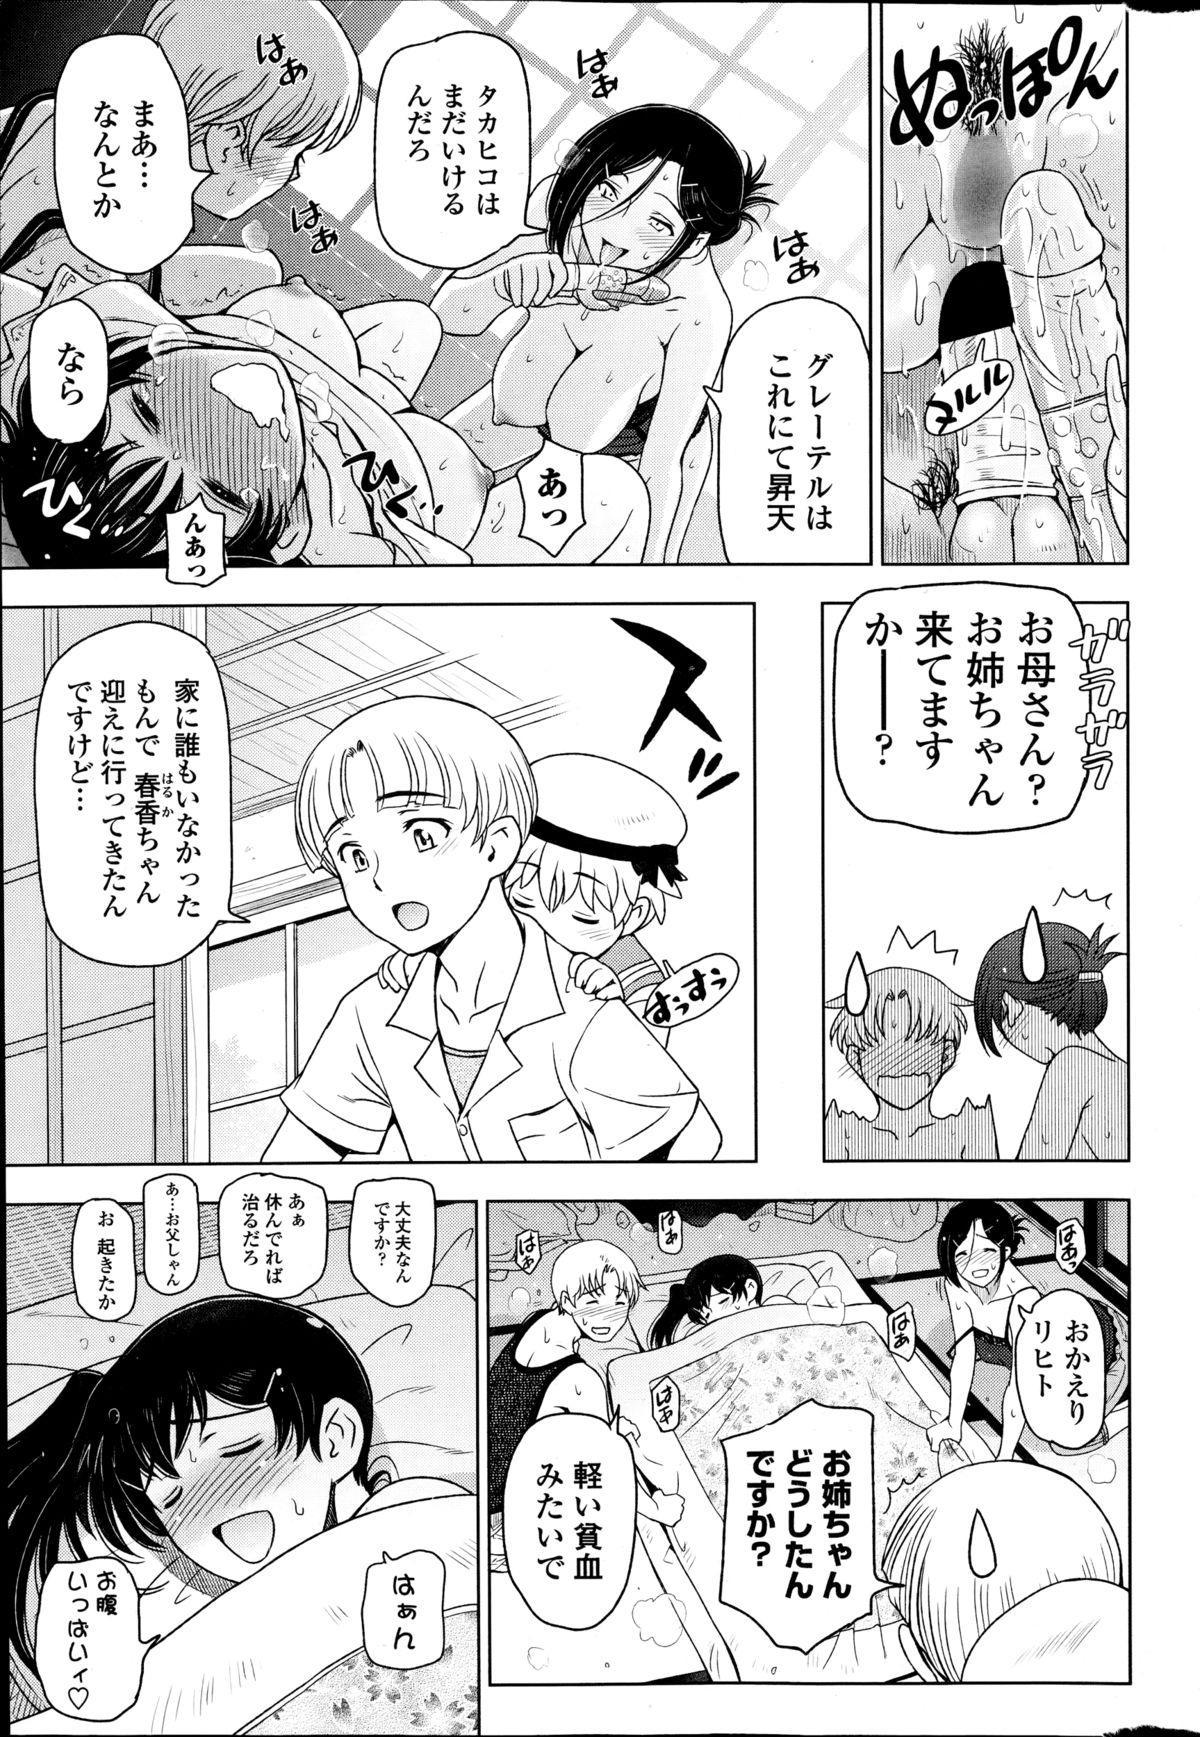 Natsu jiru + extra 140